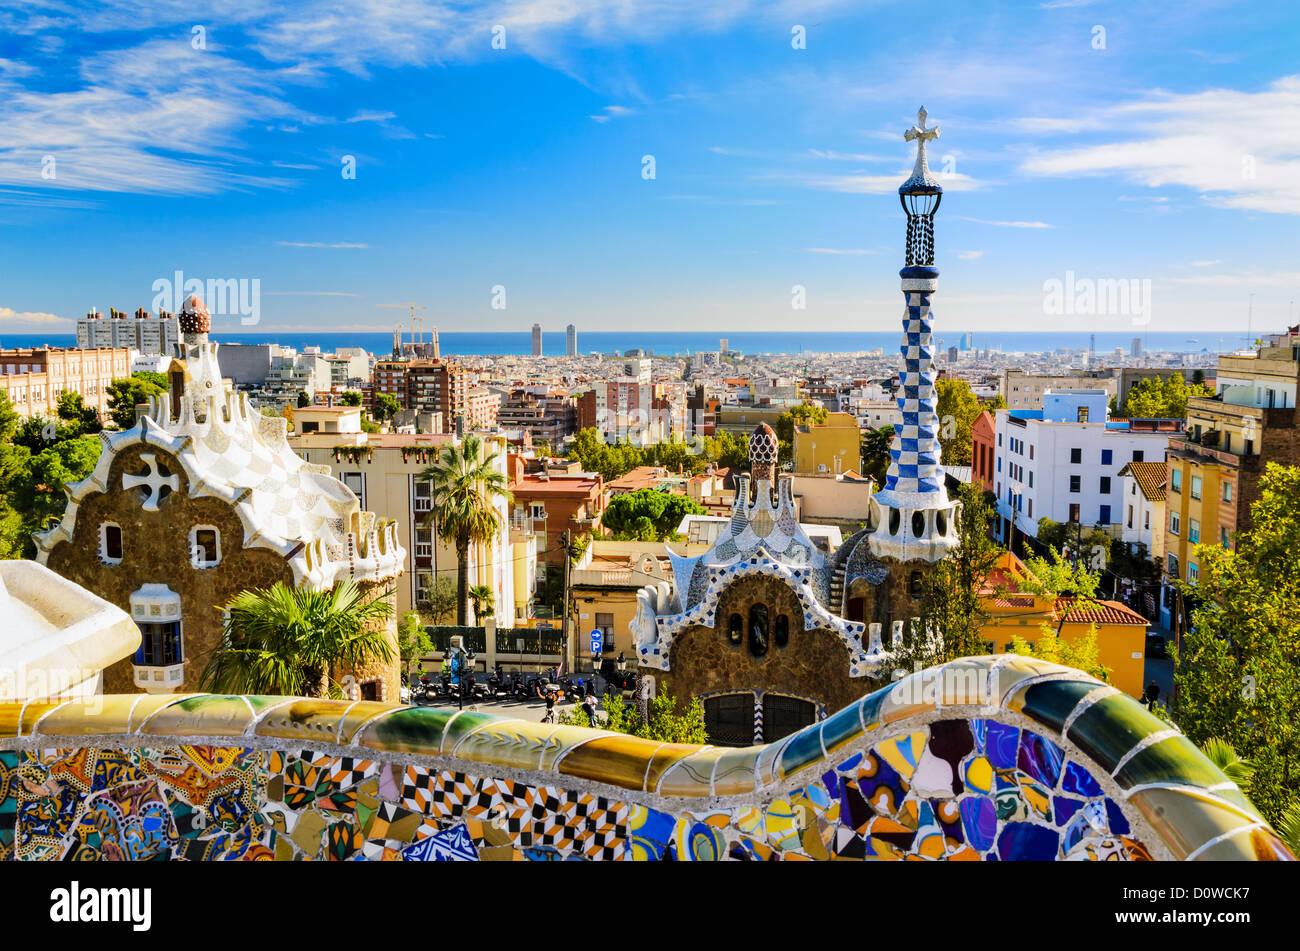 Le Parc Guell à Barcelone, Espagne sur une journée ensoleillée Photo Stock